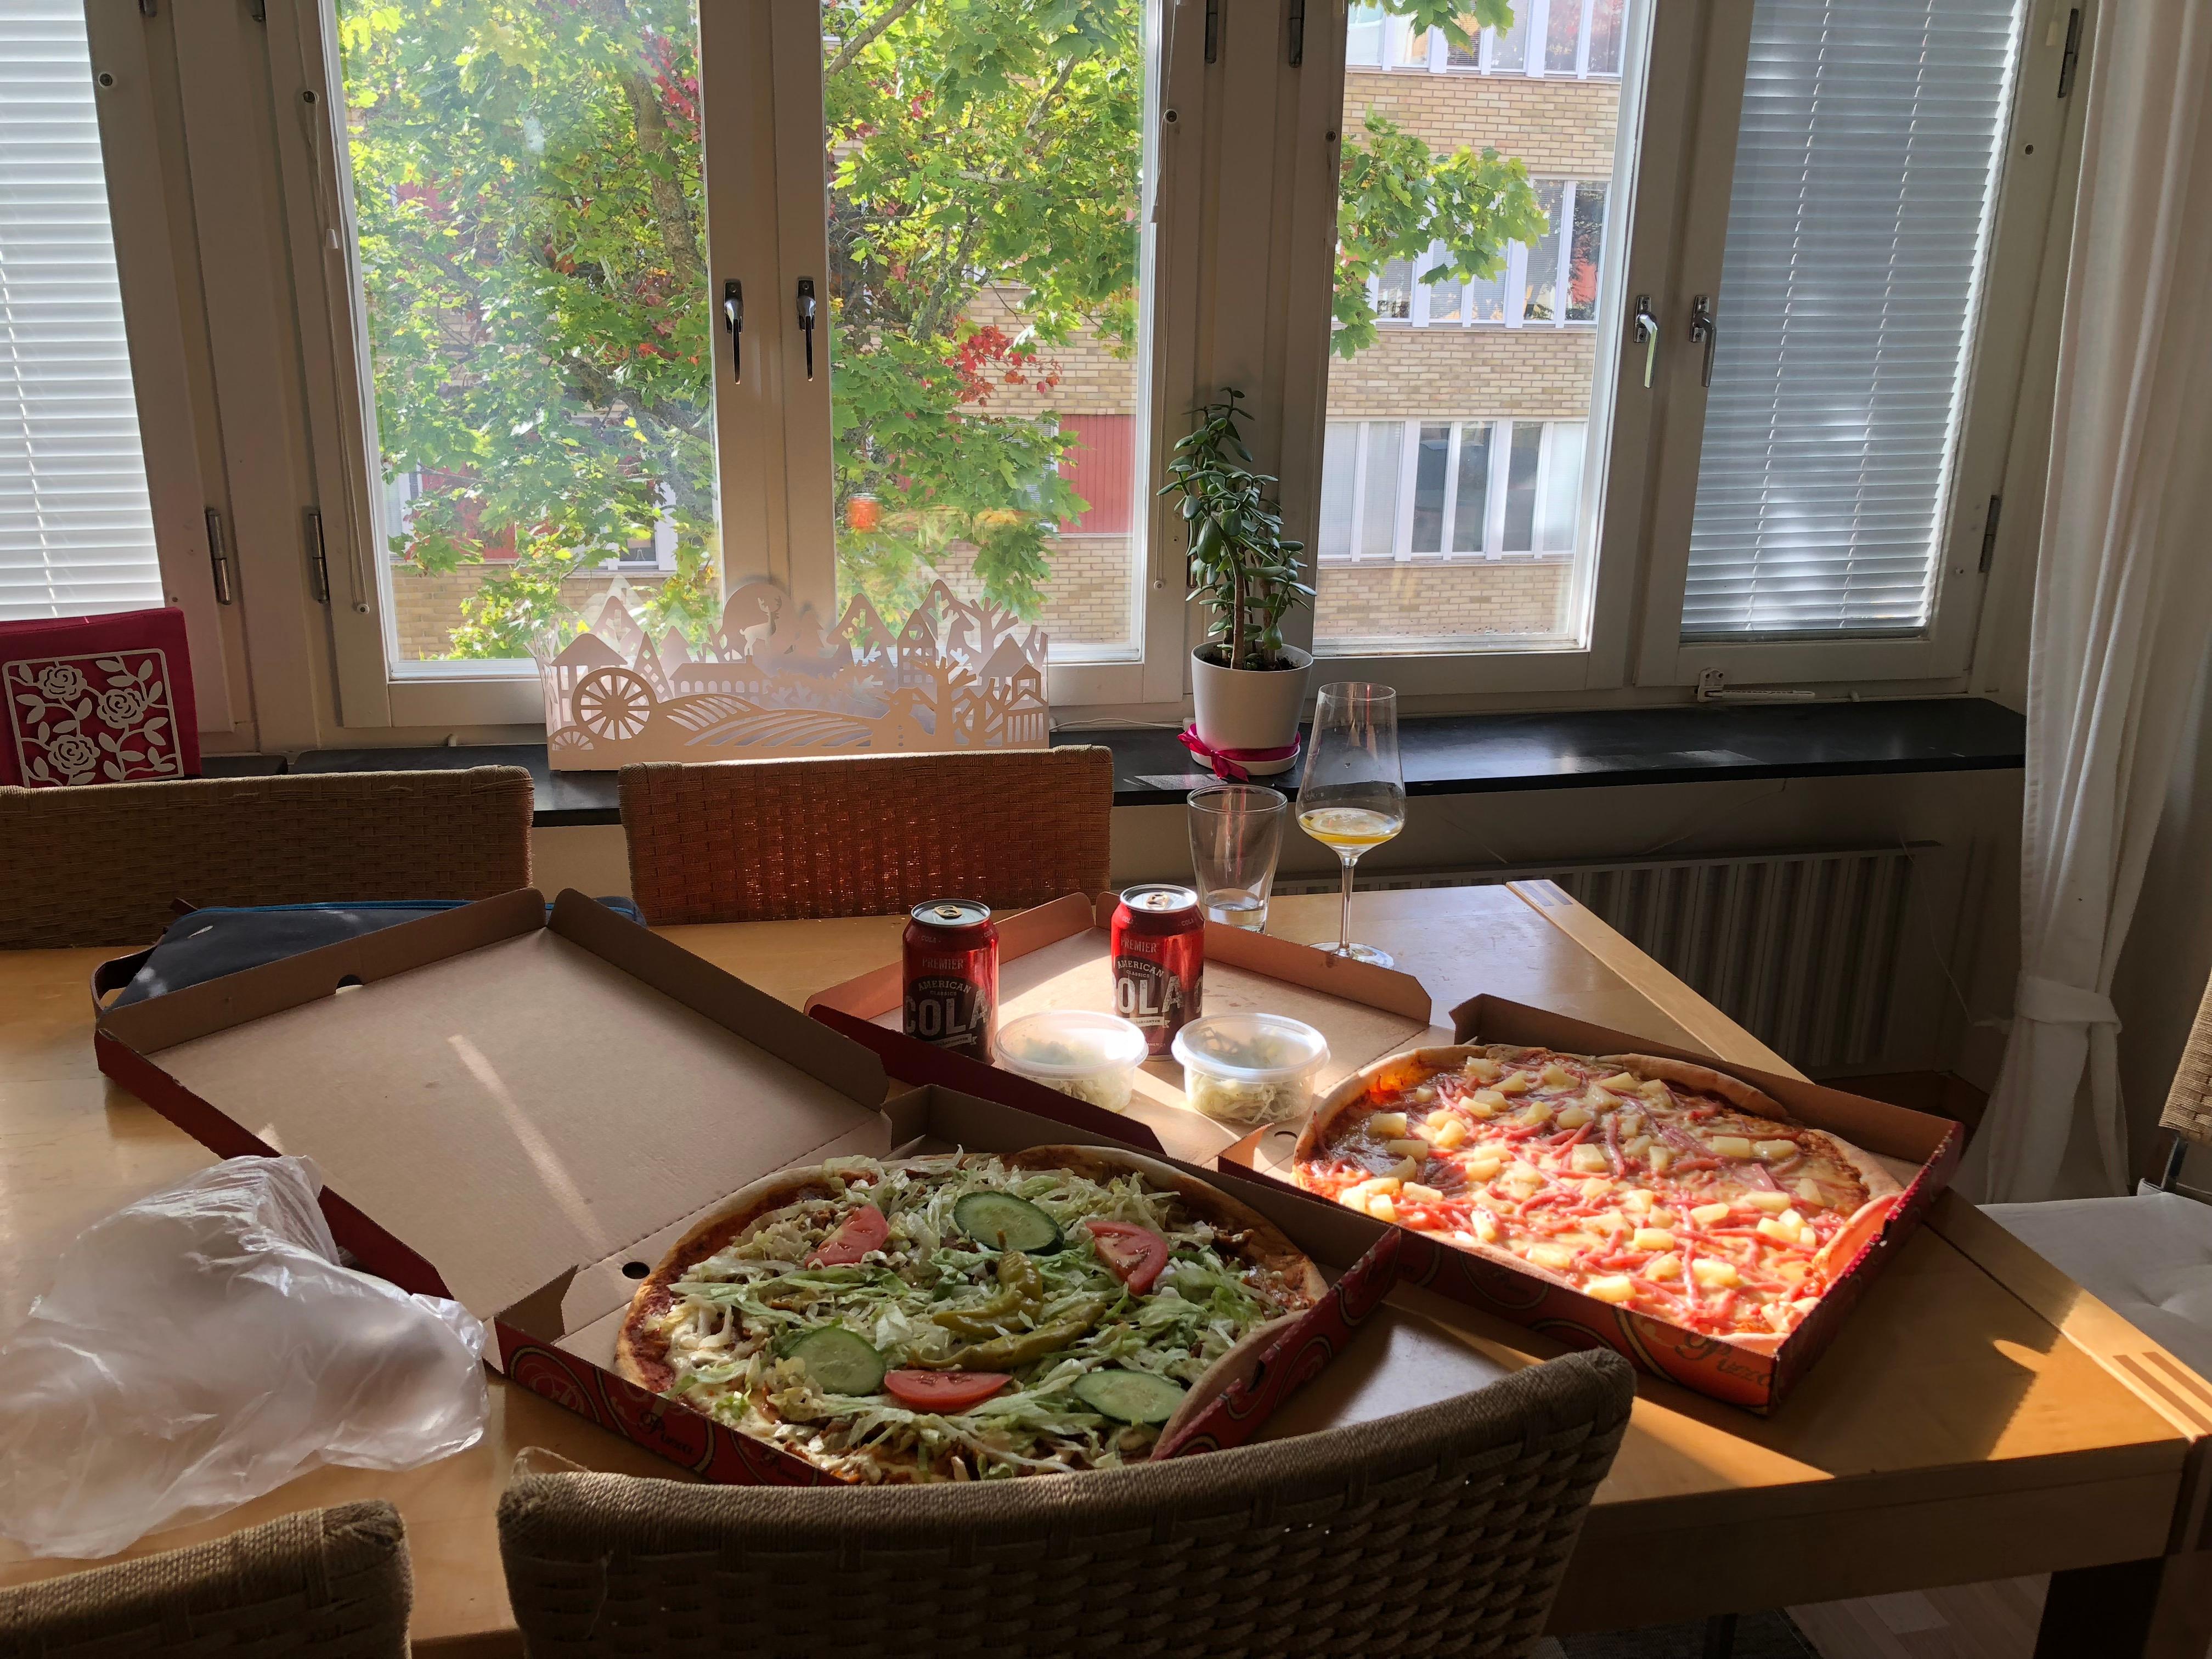 스웨덴 먹는 이야기 - 그냥 식사 편 - 스웨덴에서 ...